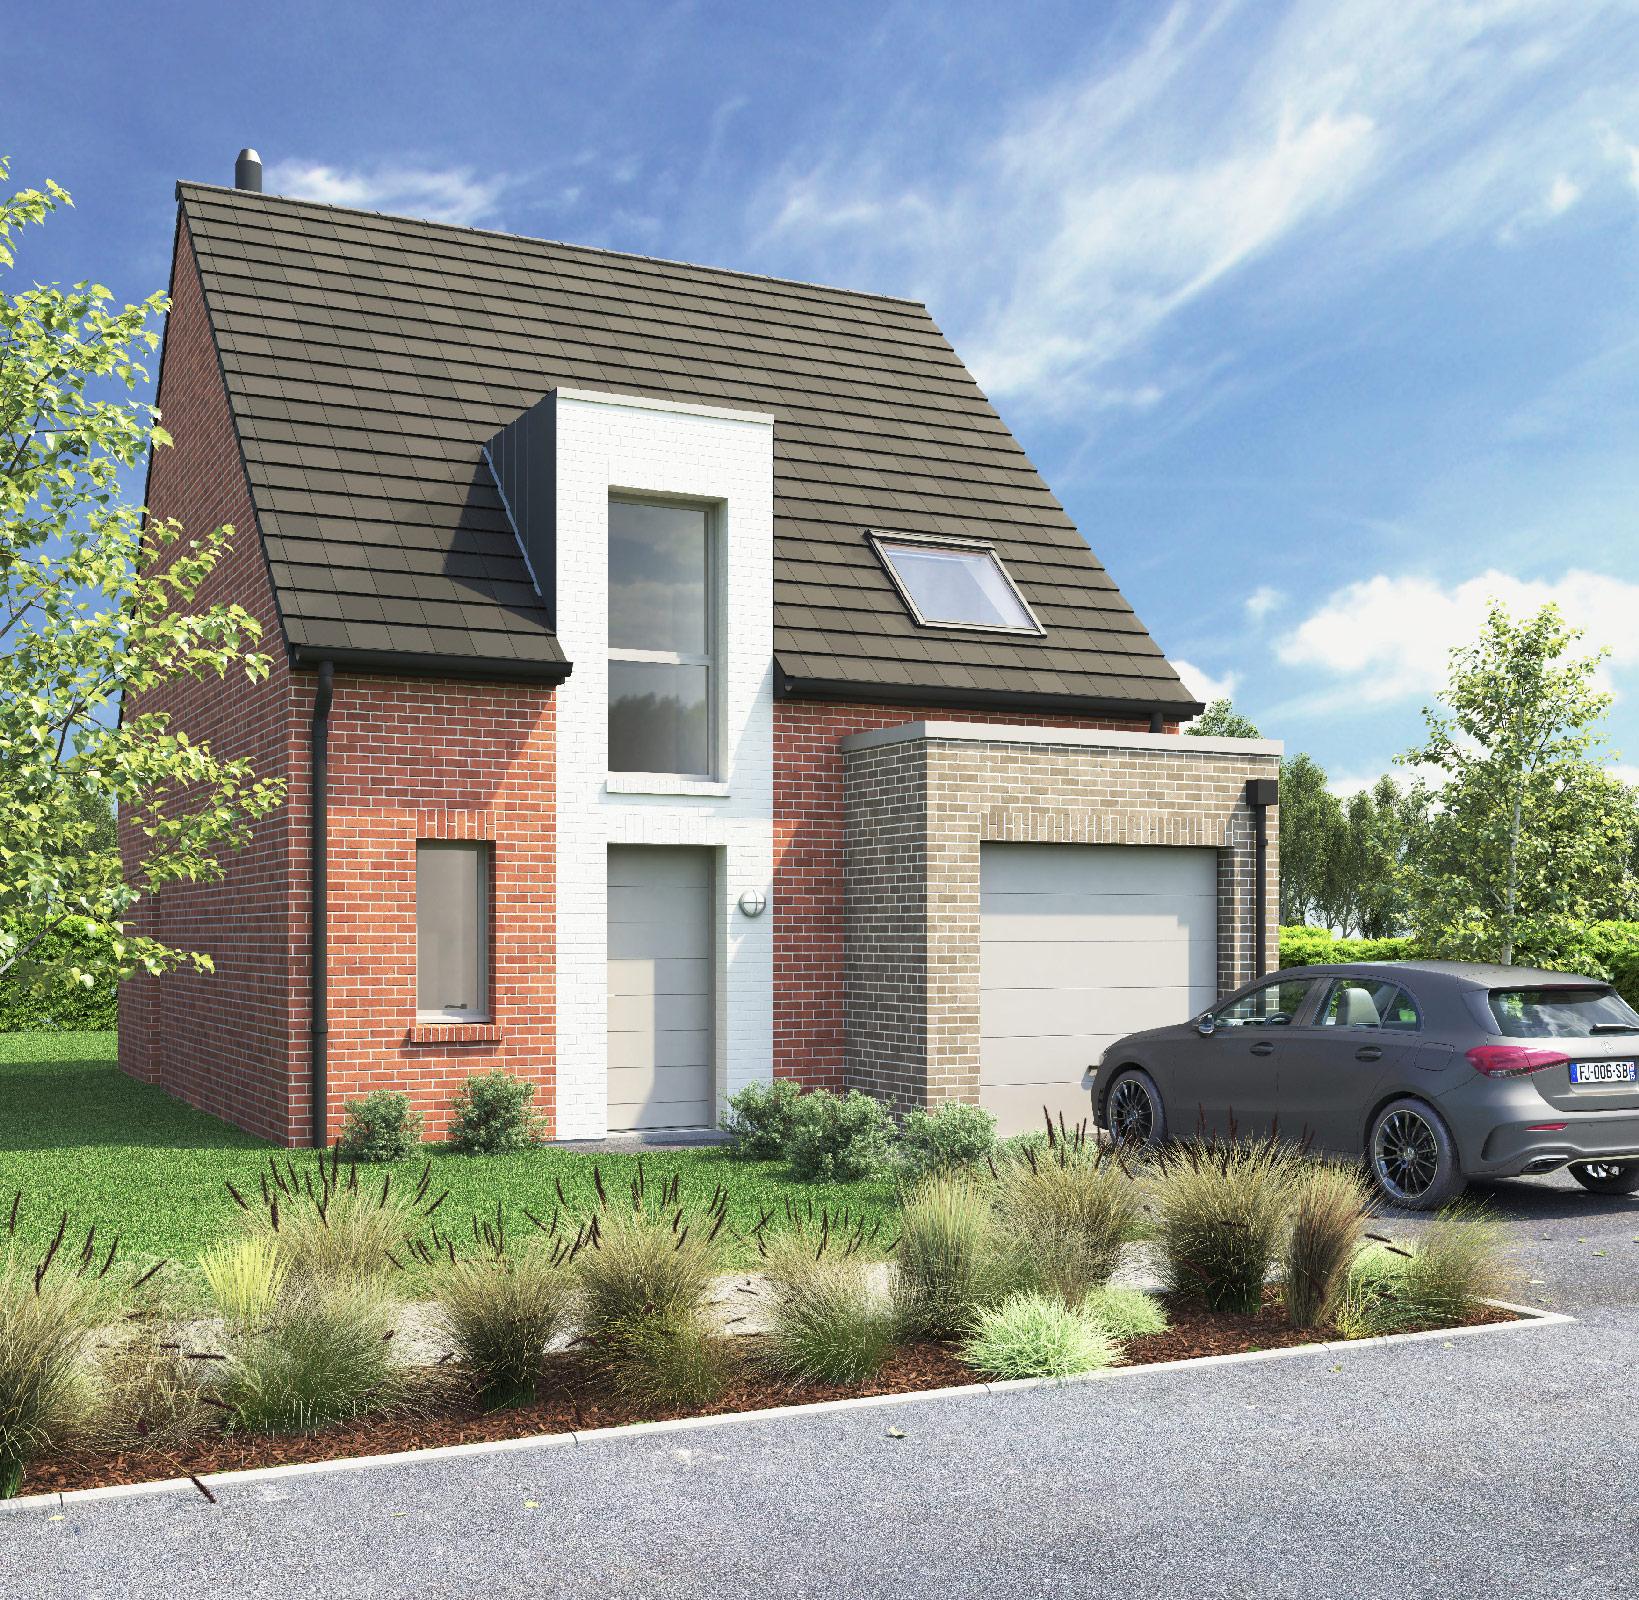 Modèle LUNA - Maison neuve 4 pièces - Loger Habitat